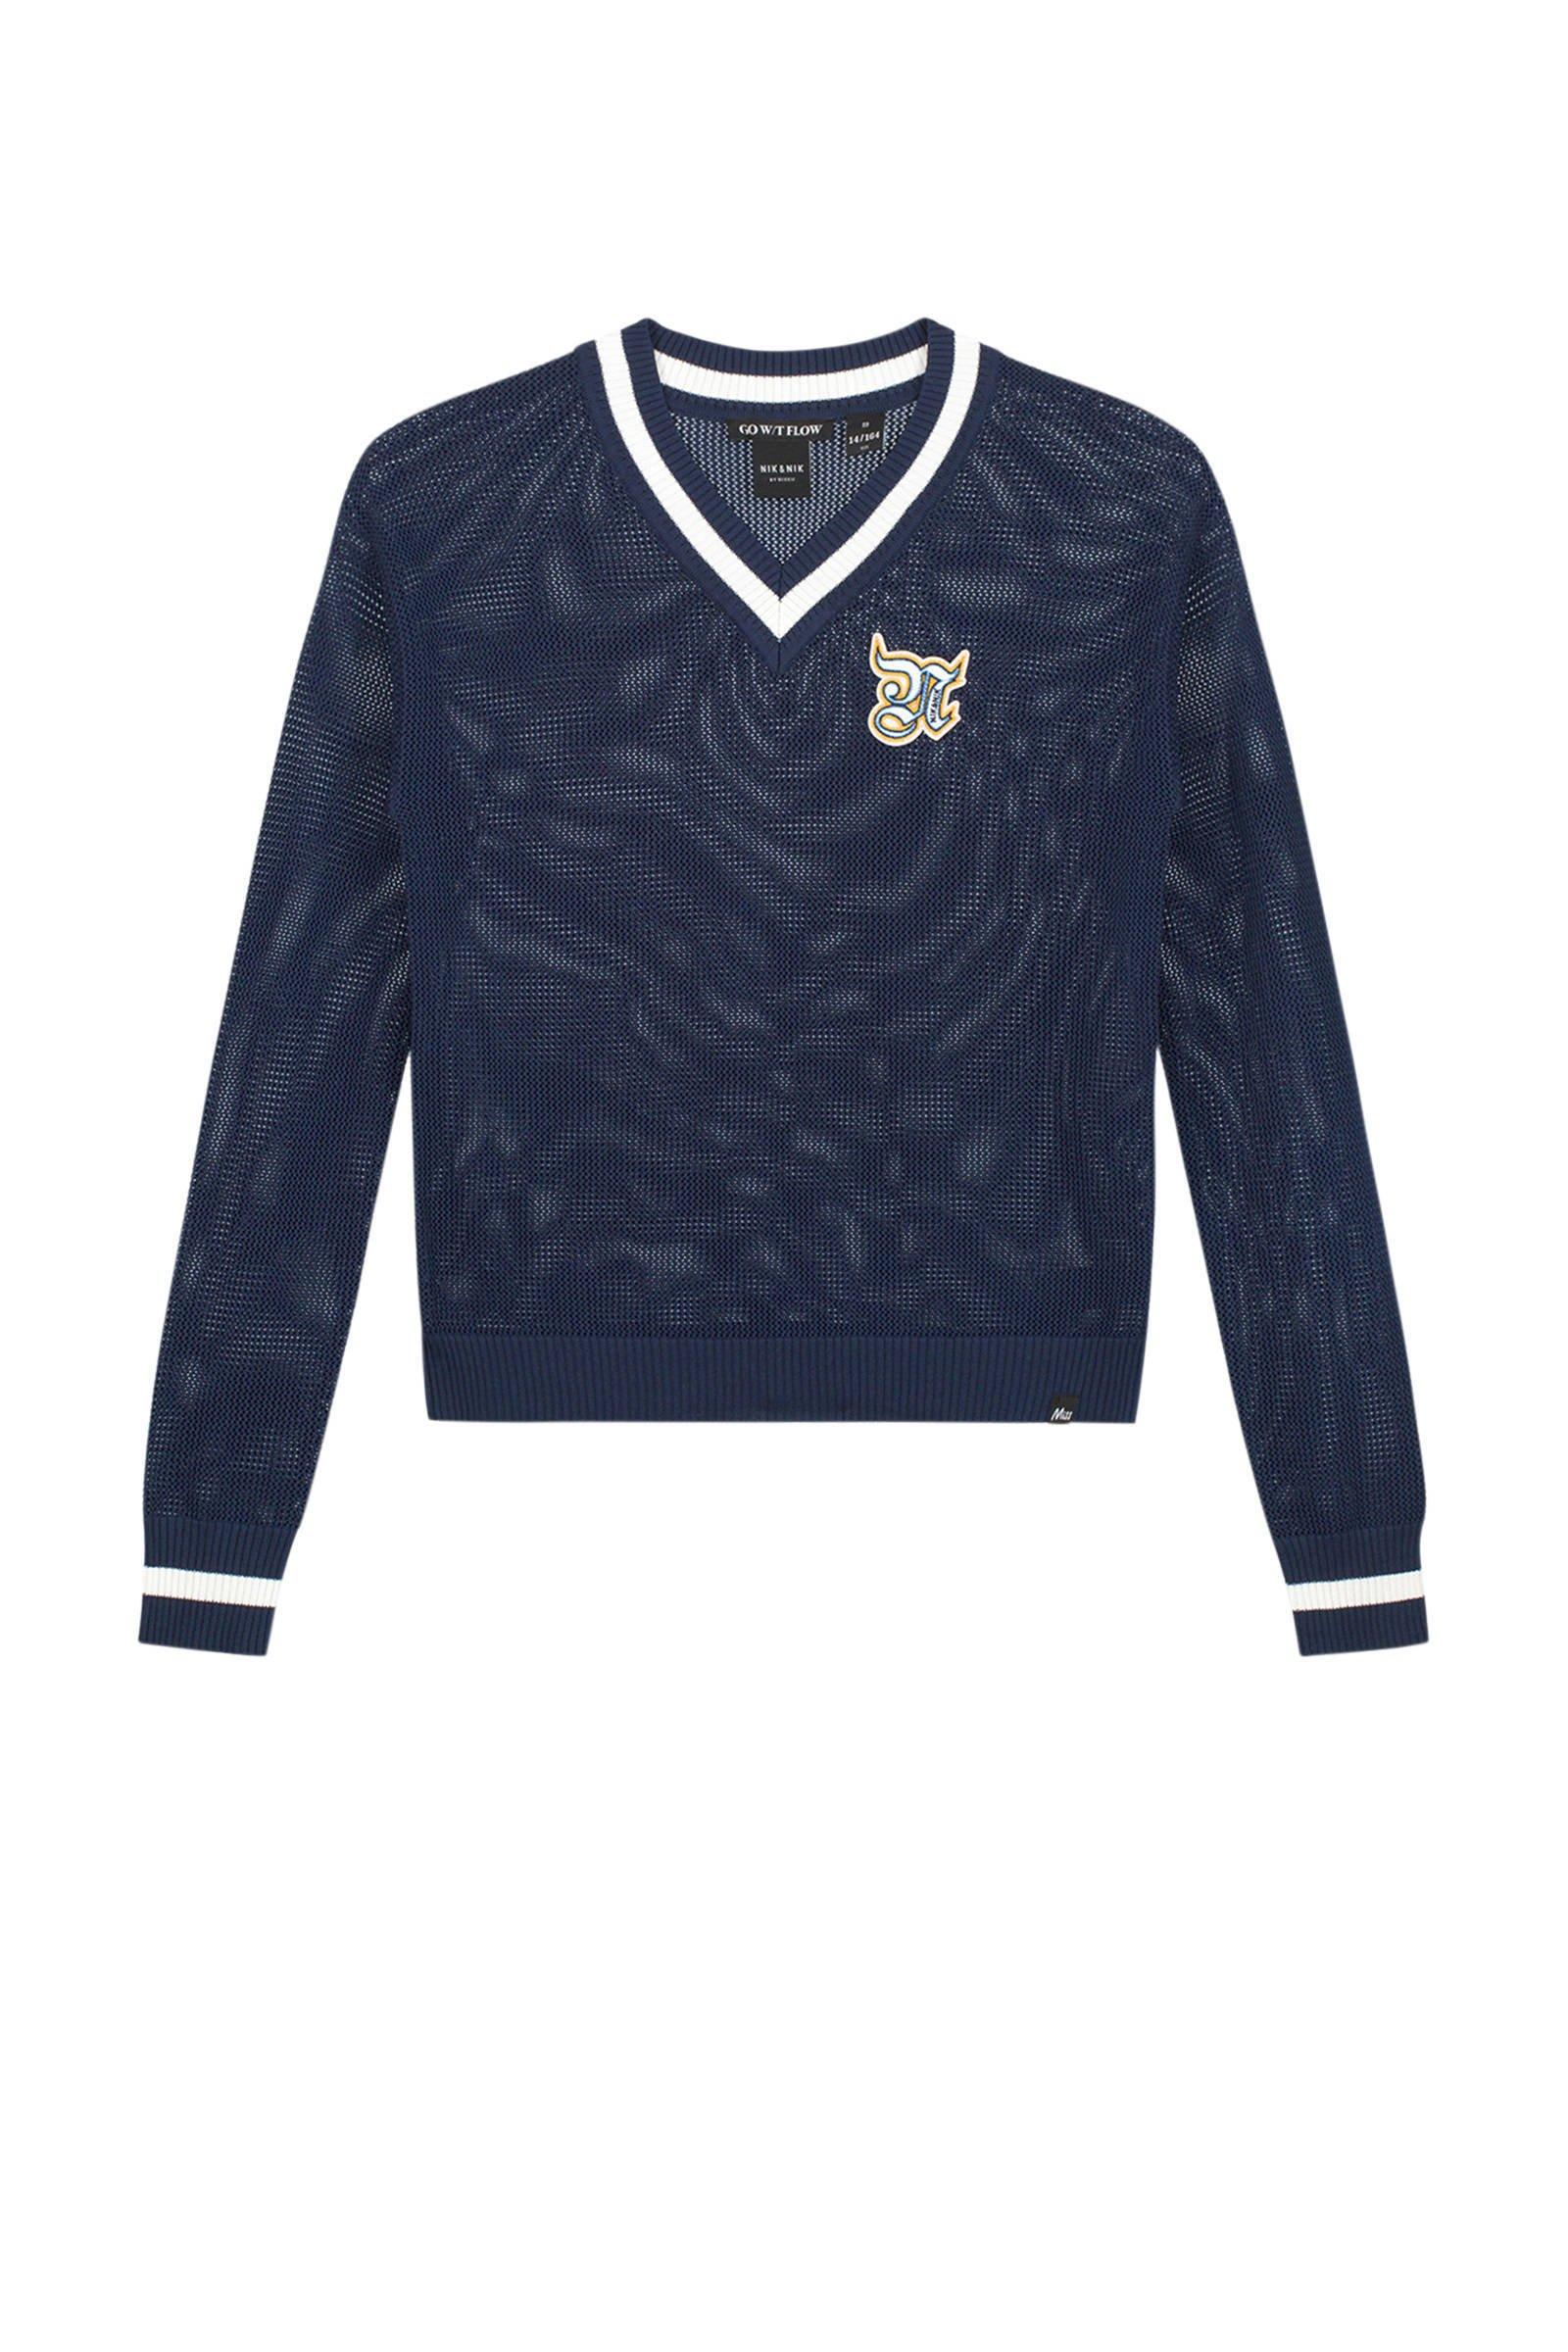 NIK&NIK trui Stanford met logo blauw/wit - maat 140